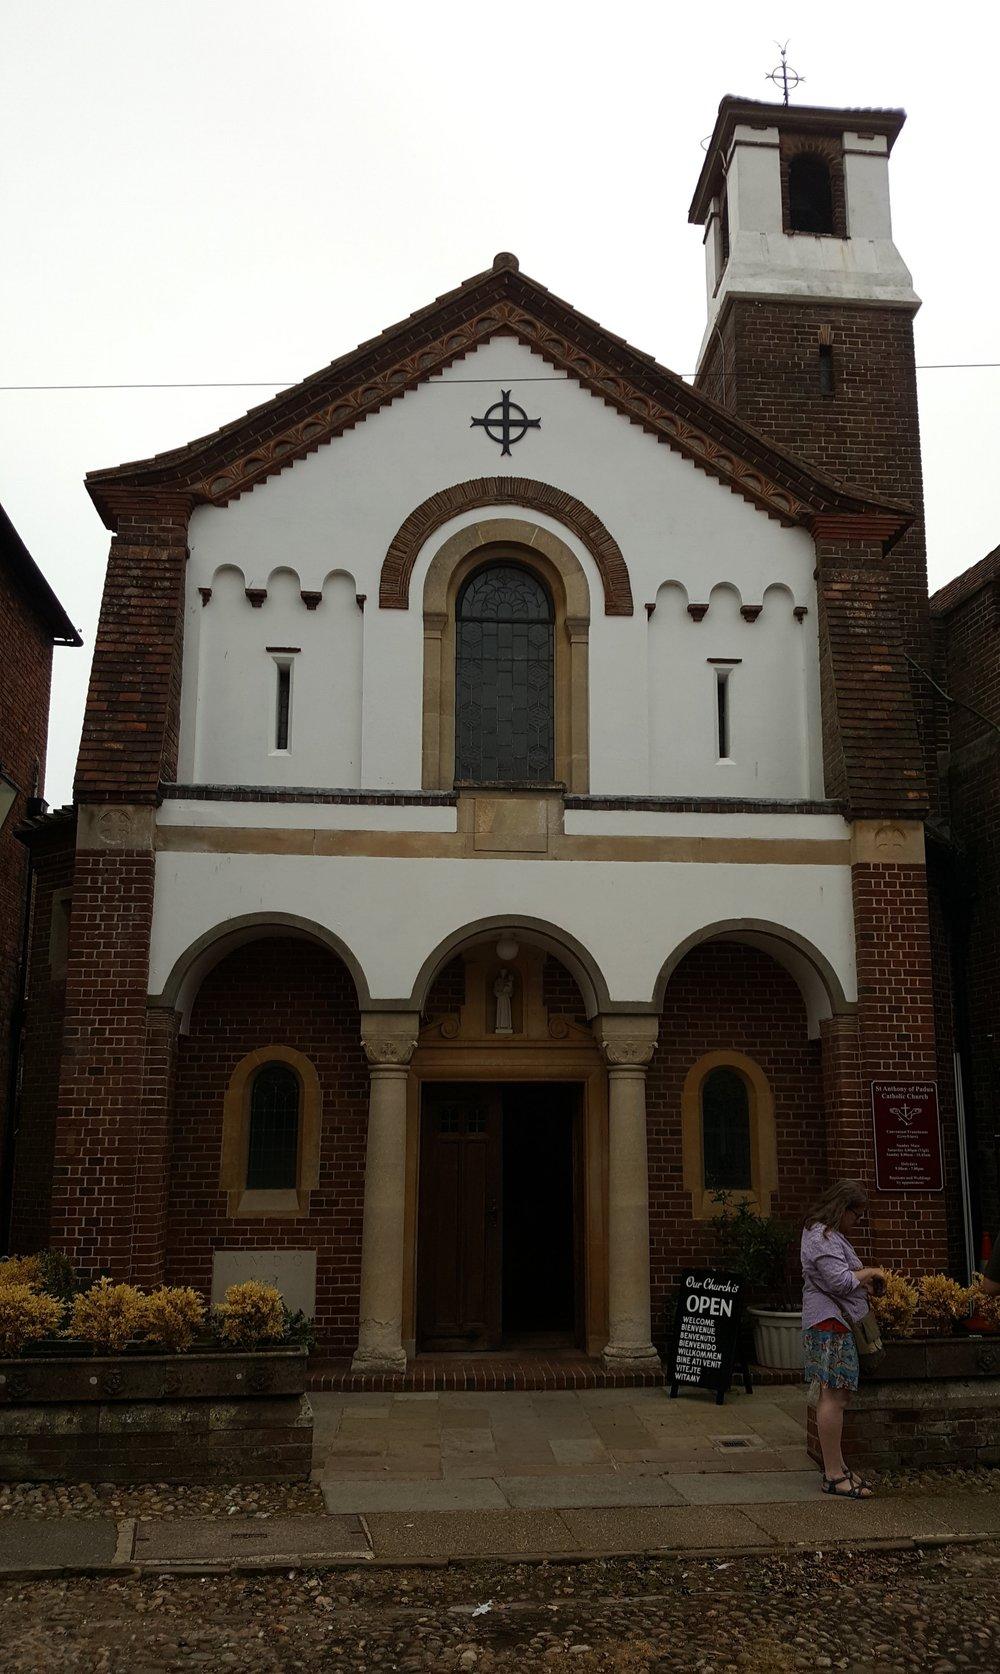 St. Anthony of Padua Catholic church